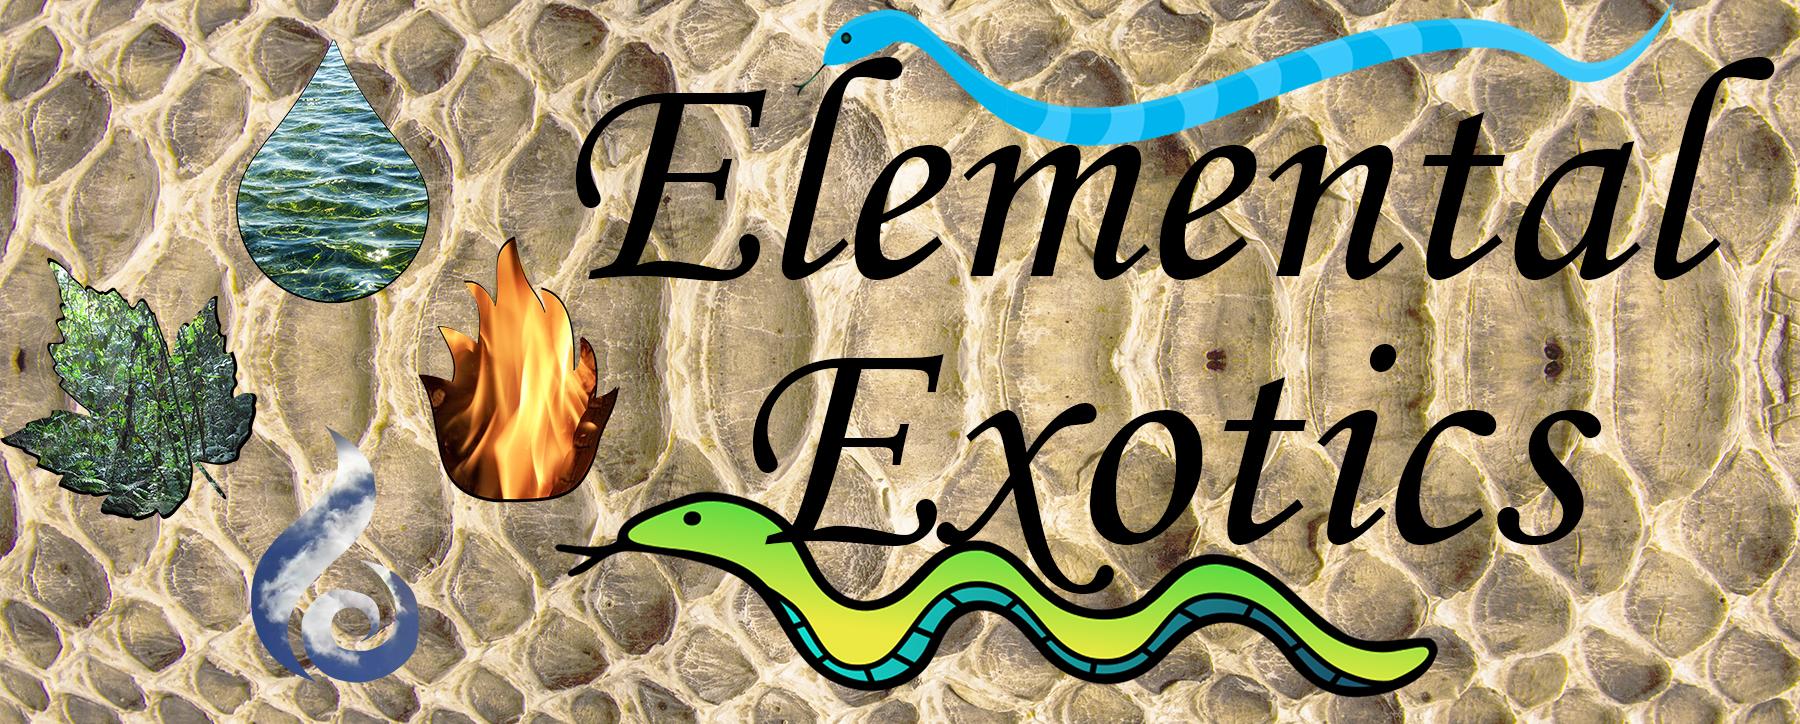 Elemental Exotics